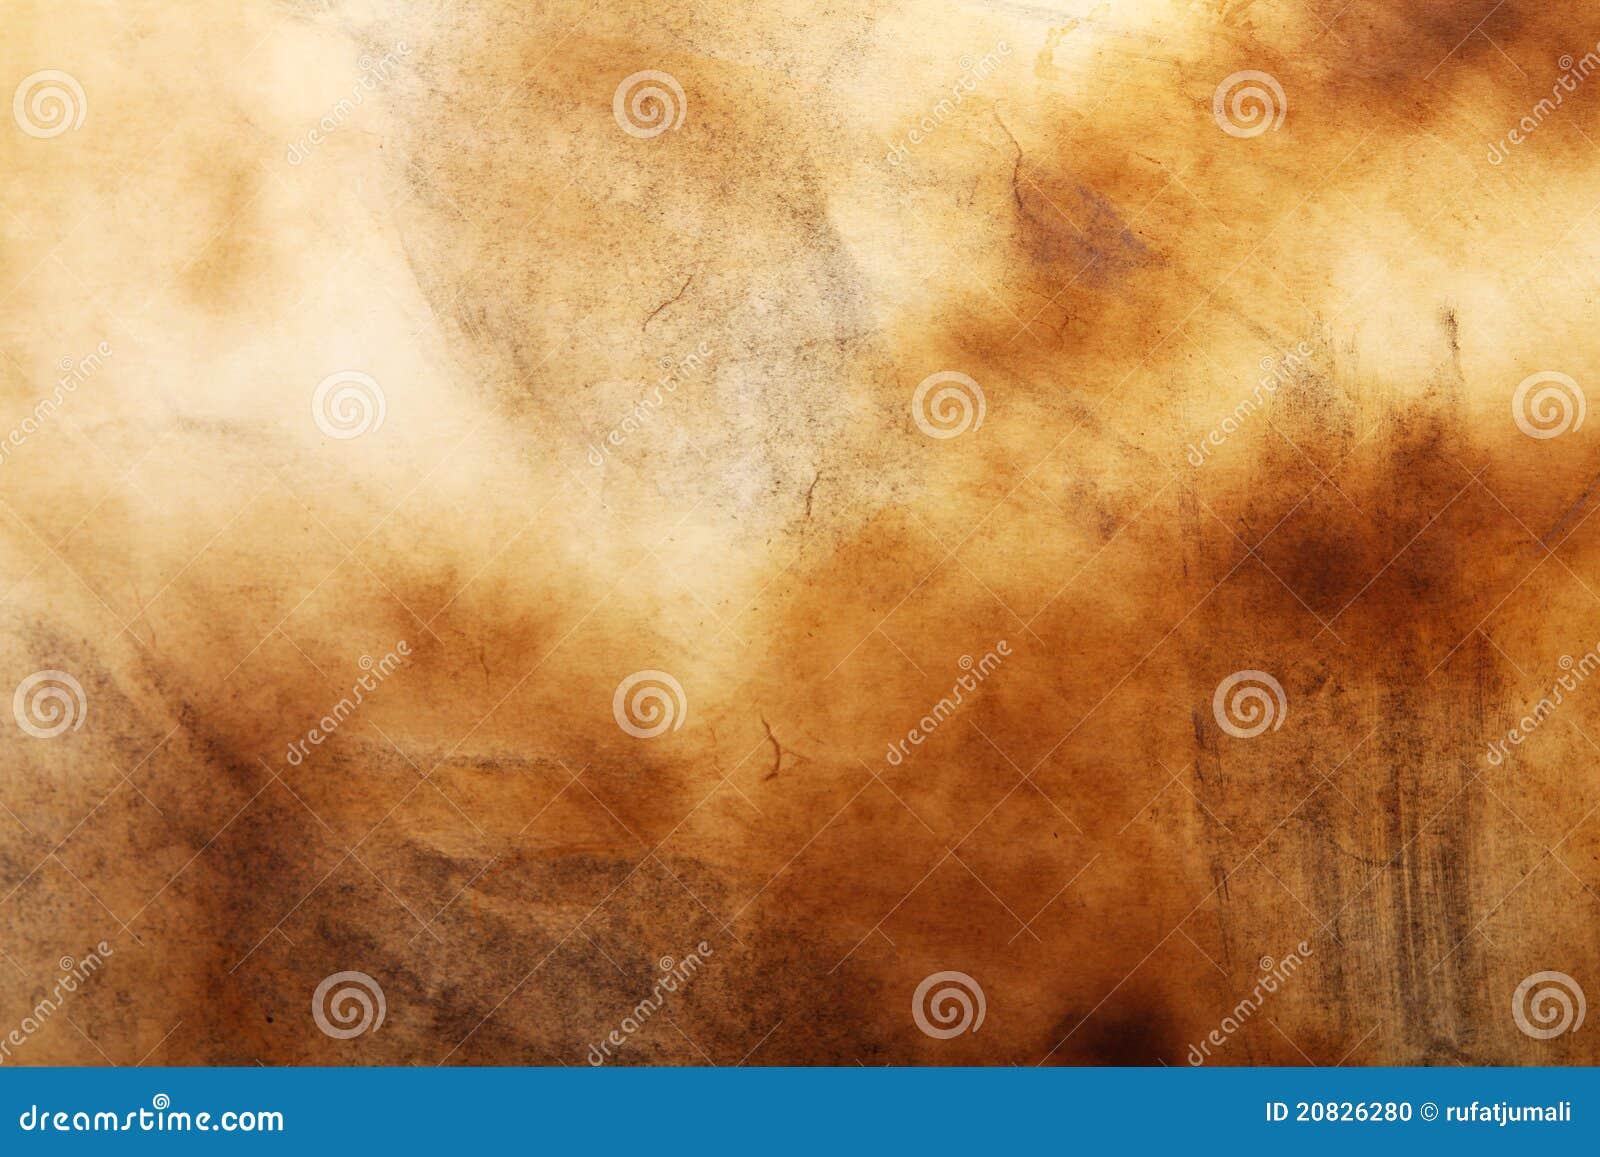 Vieille texture de papier photo stock. Image du brun - 20826280